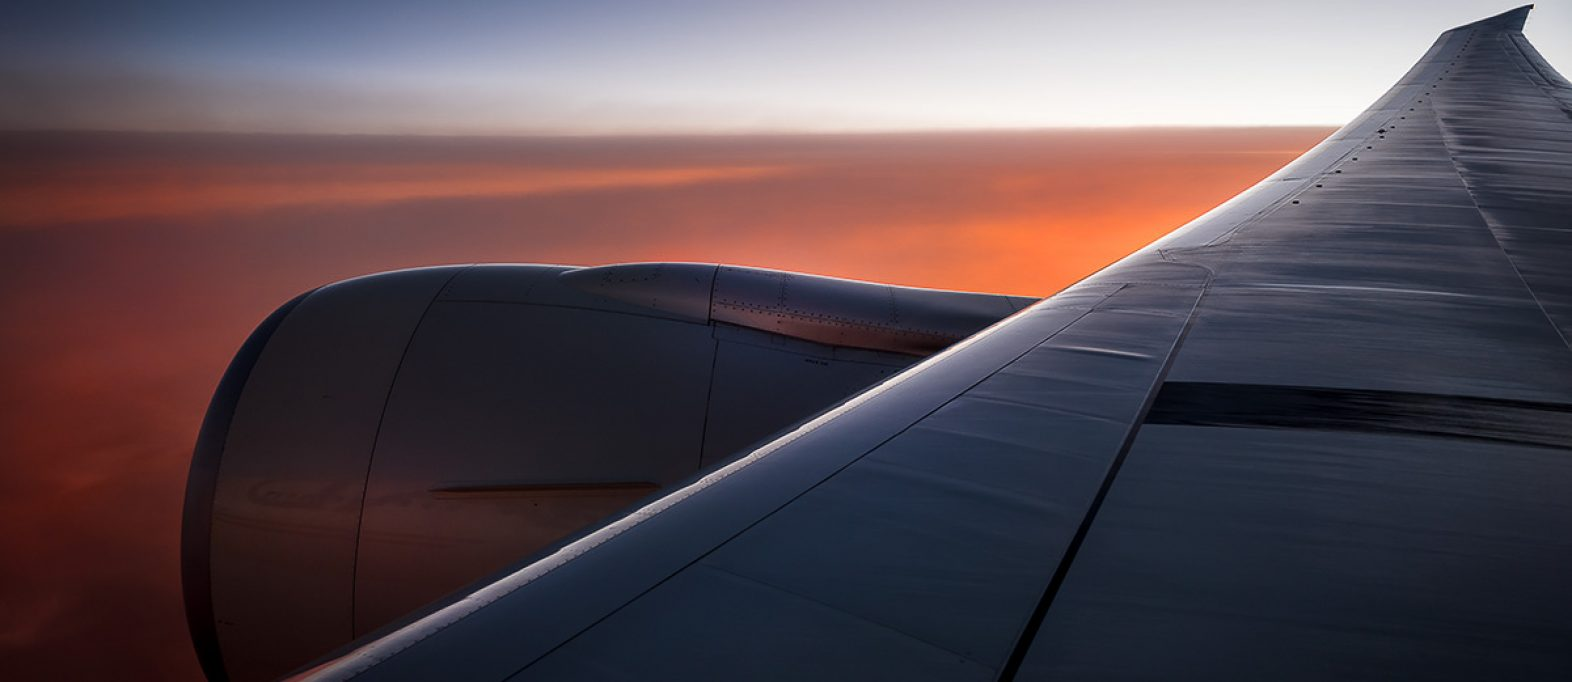 Tipps: Wie ich günstige Flüge buche (+ beste Suchmaschinen)